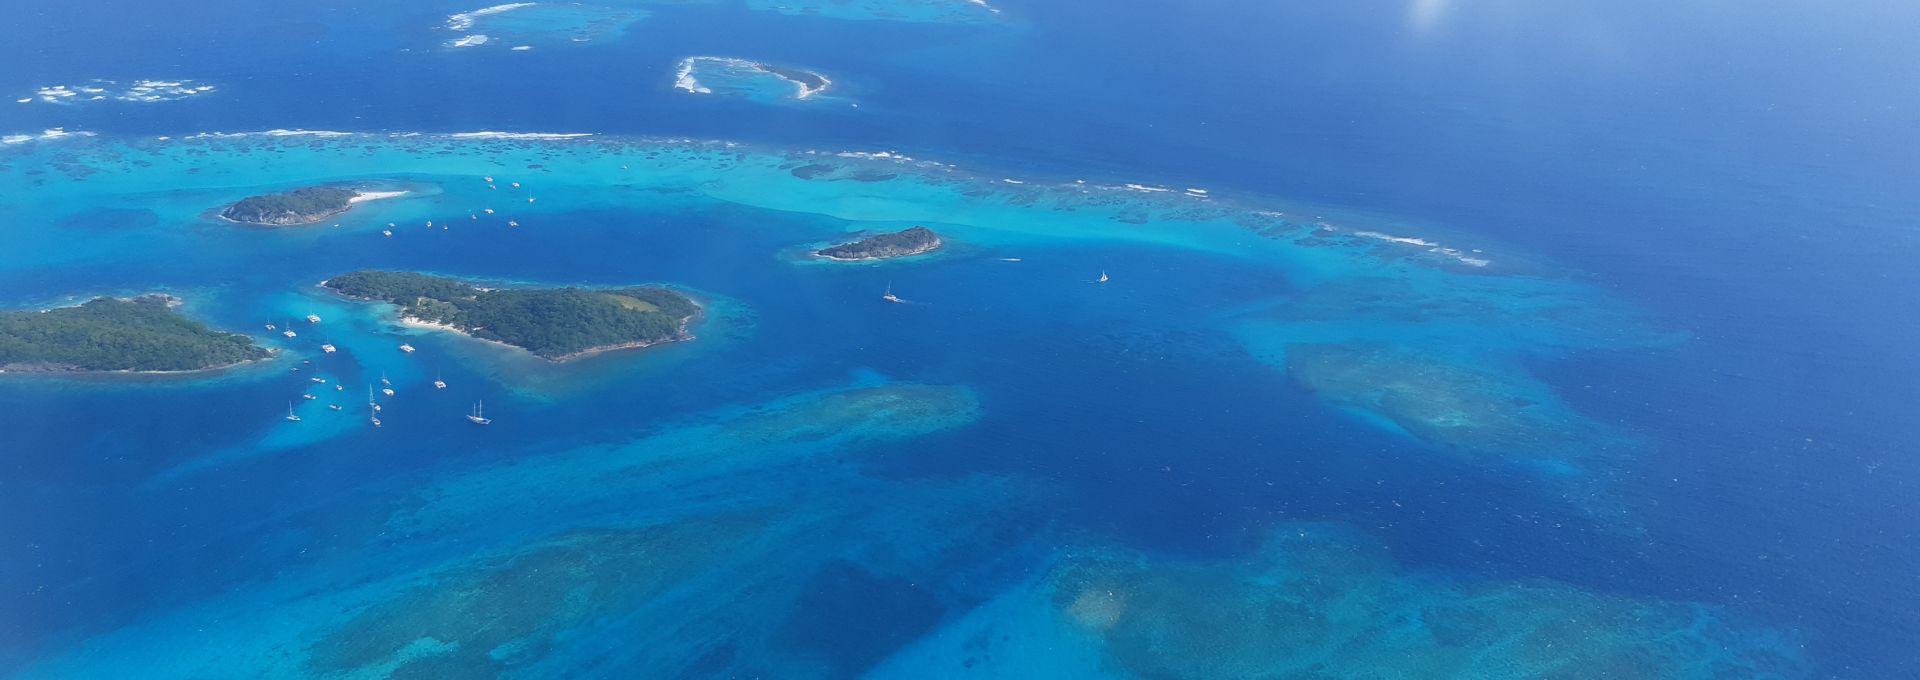 Tobago Cays vus du ciel